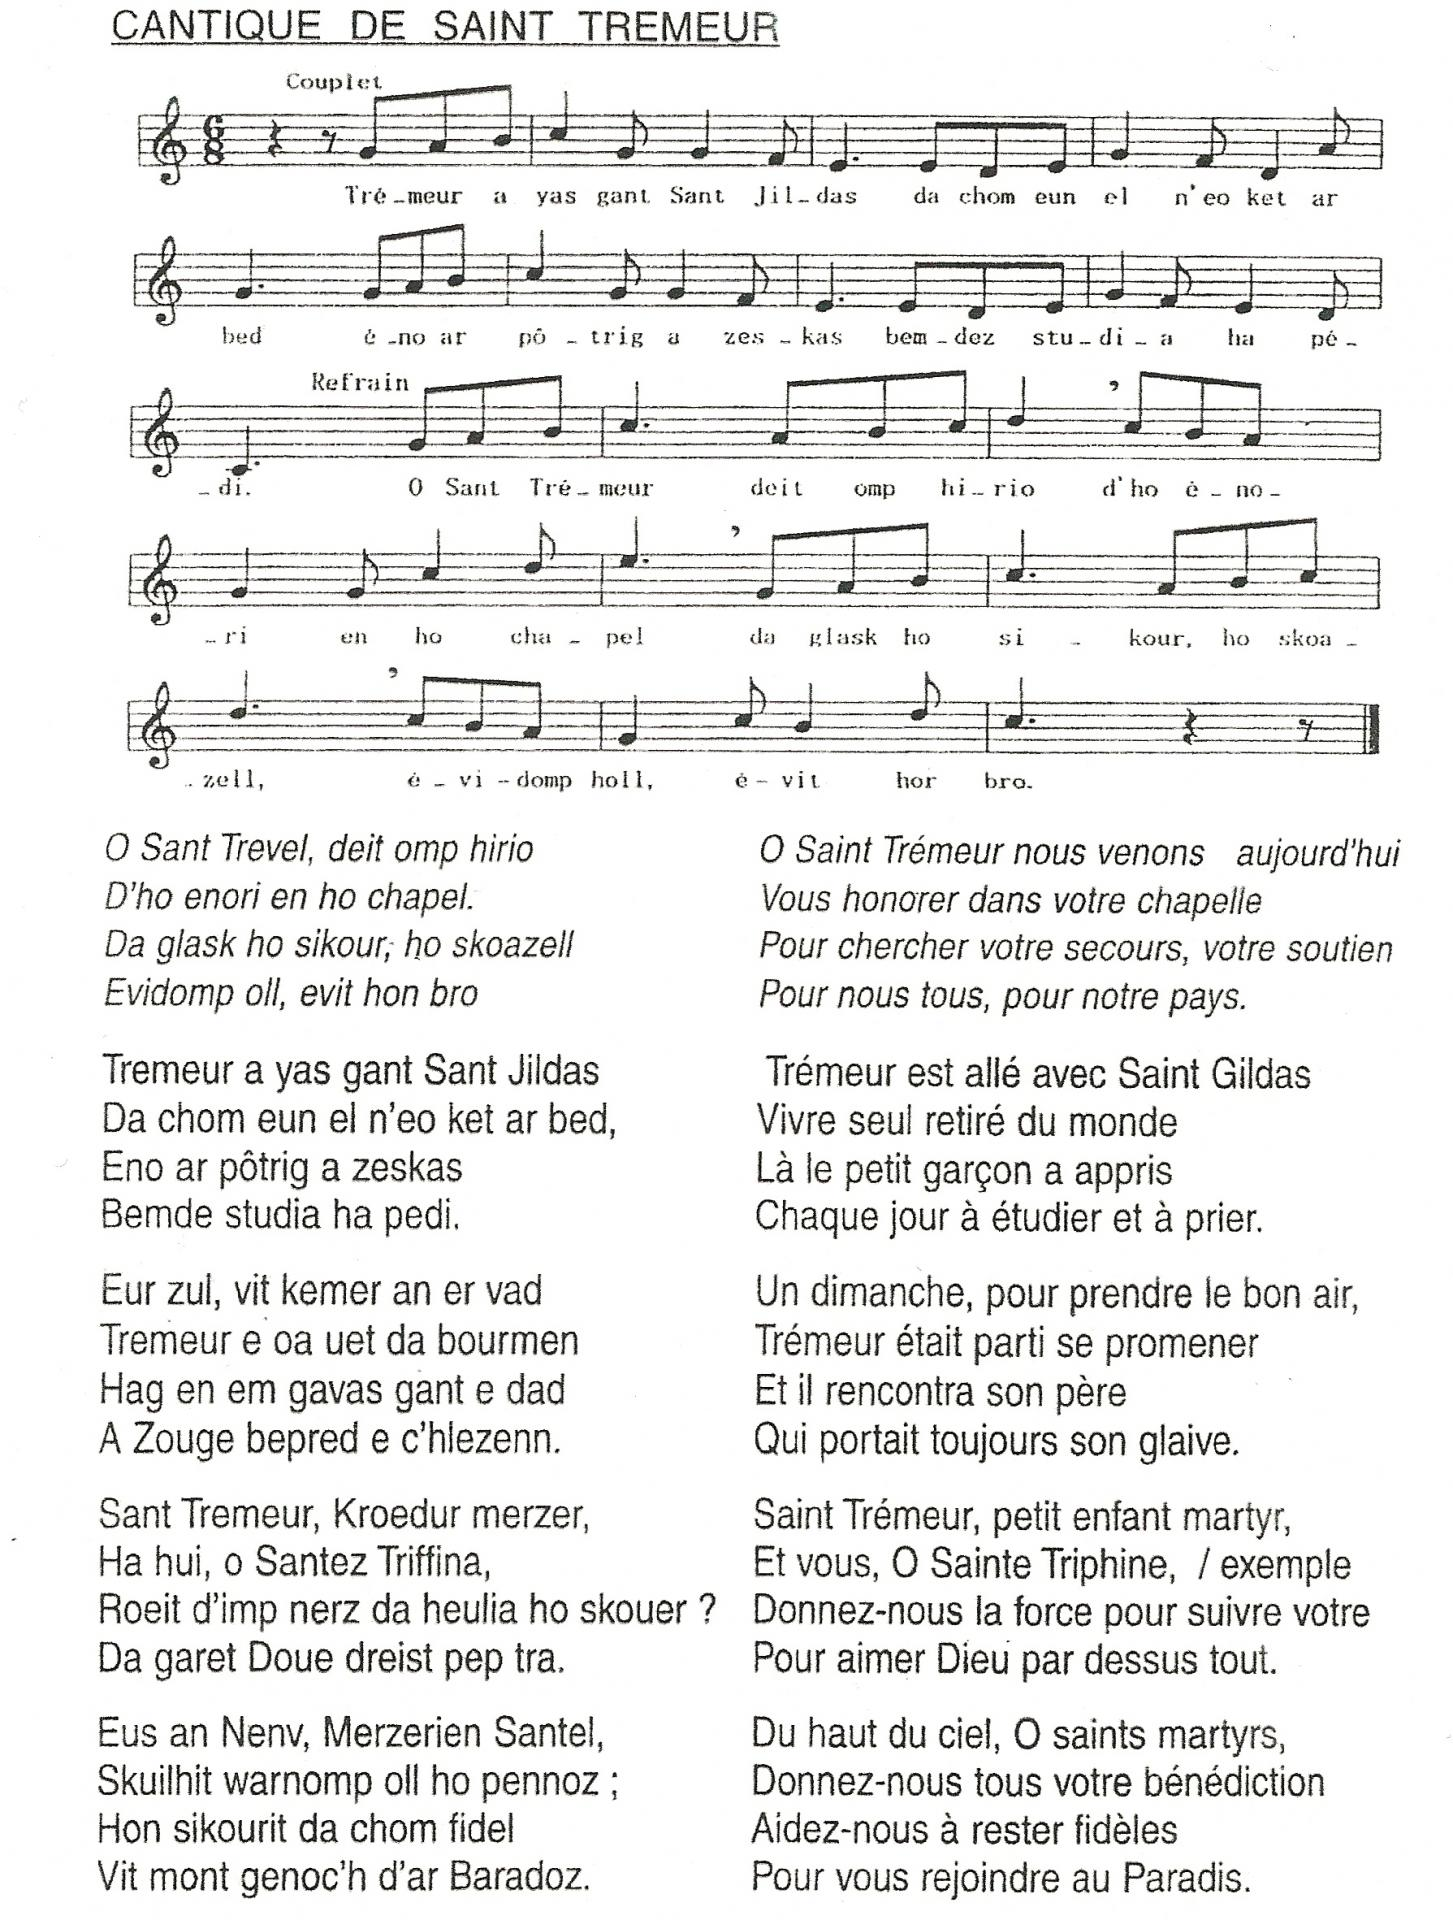 Cantique saint tre meur